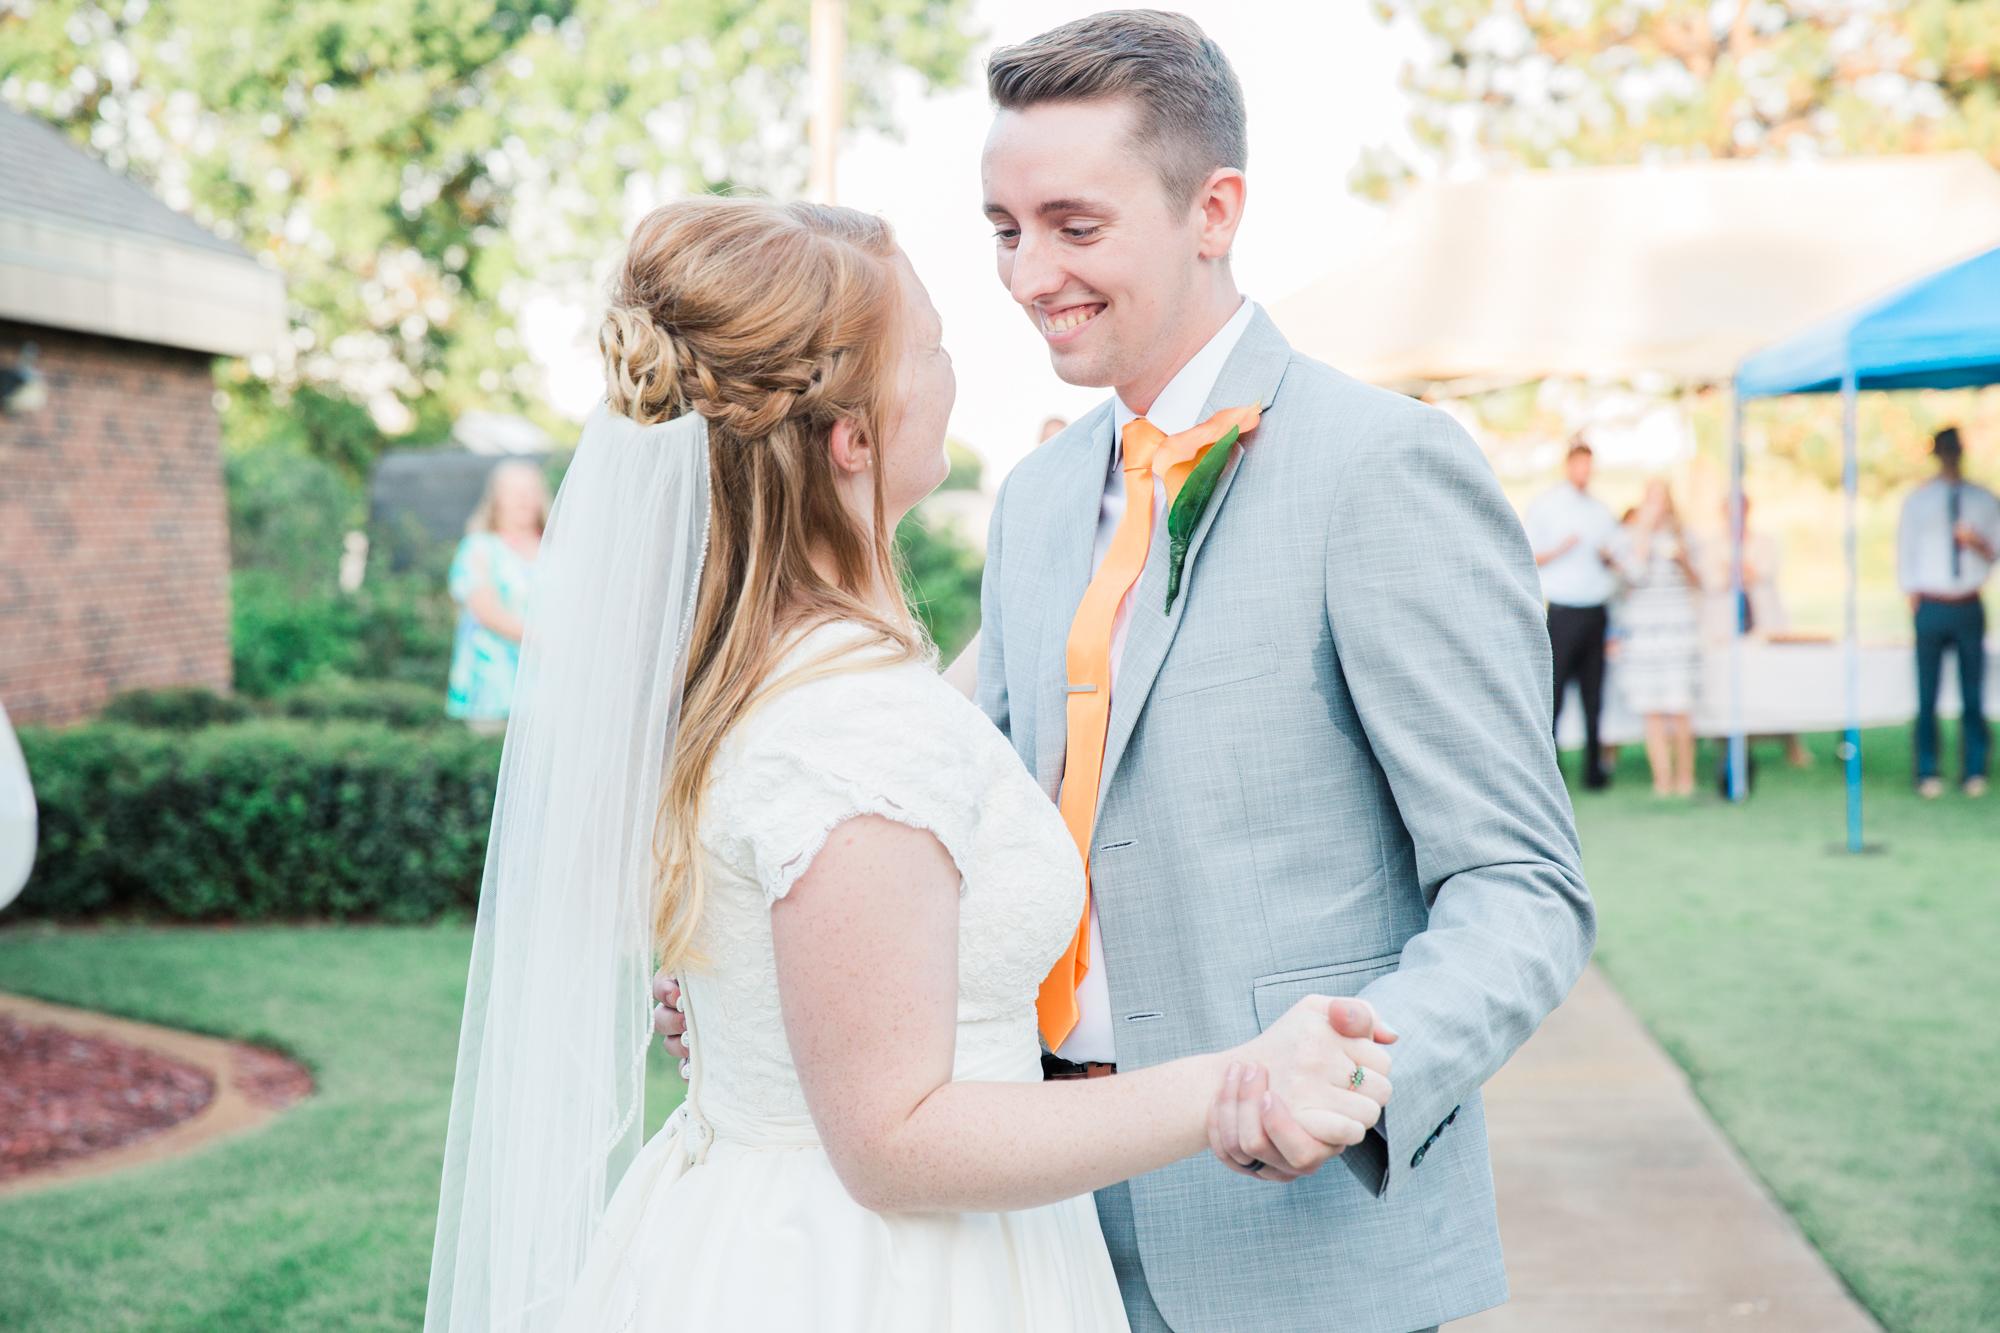 Minnesota Wedding Photographer| Sierra & Jacob | LDS Photographer | Fine Art | First Dance |Eden & Me Photography